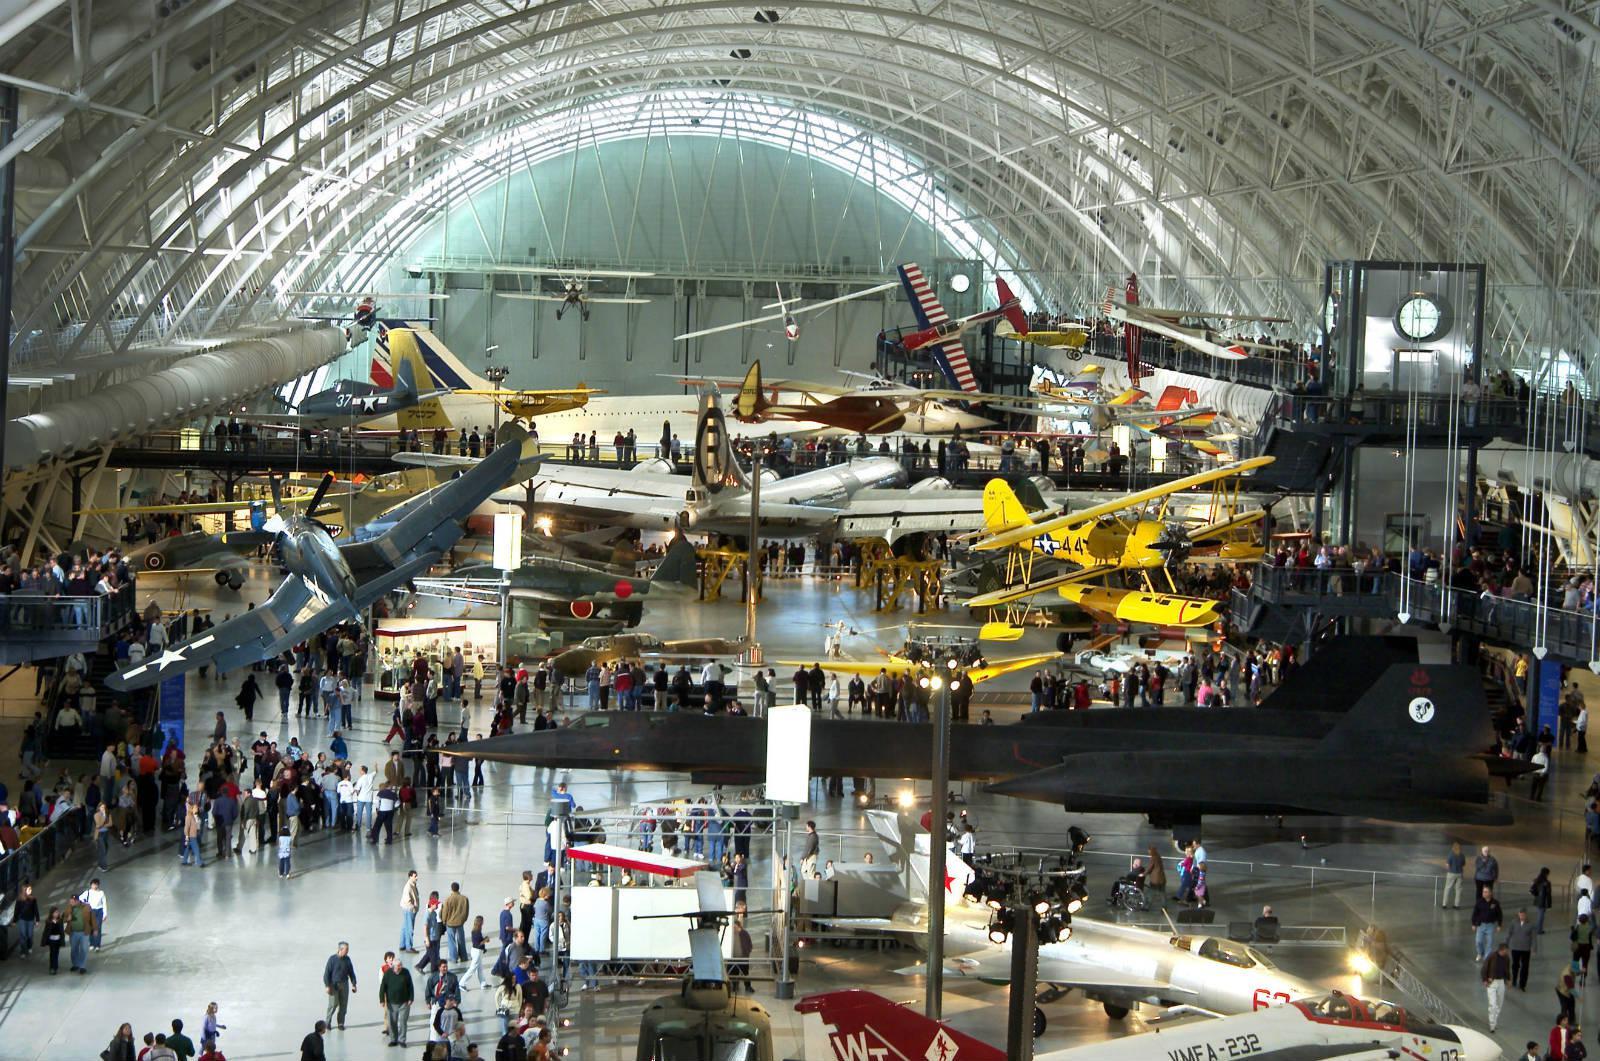 航空主题乐园将涵盖航空爱好者梦幻园